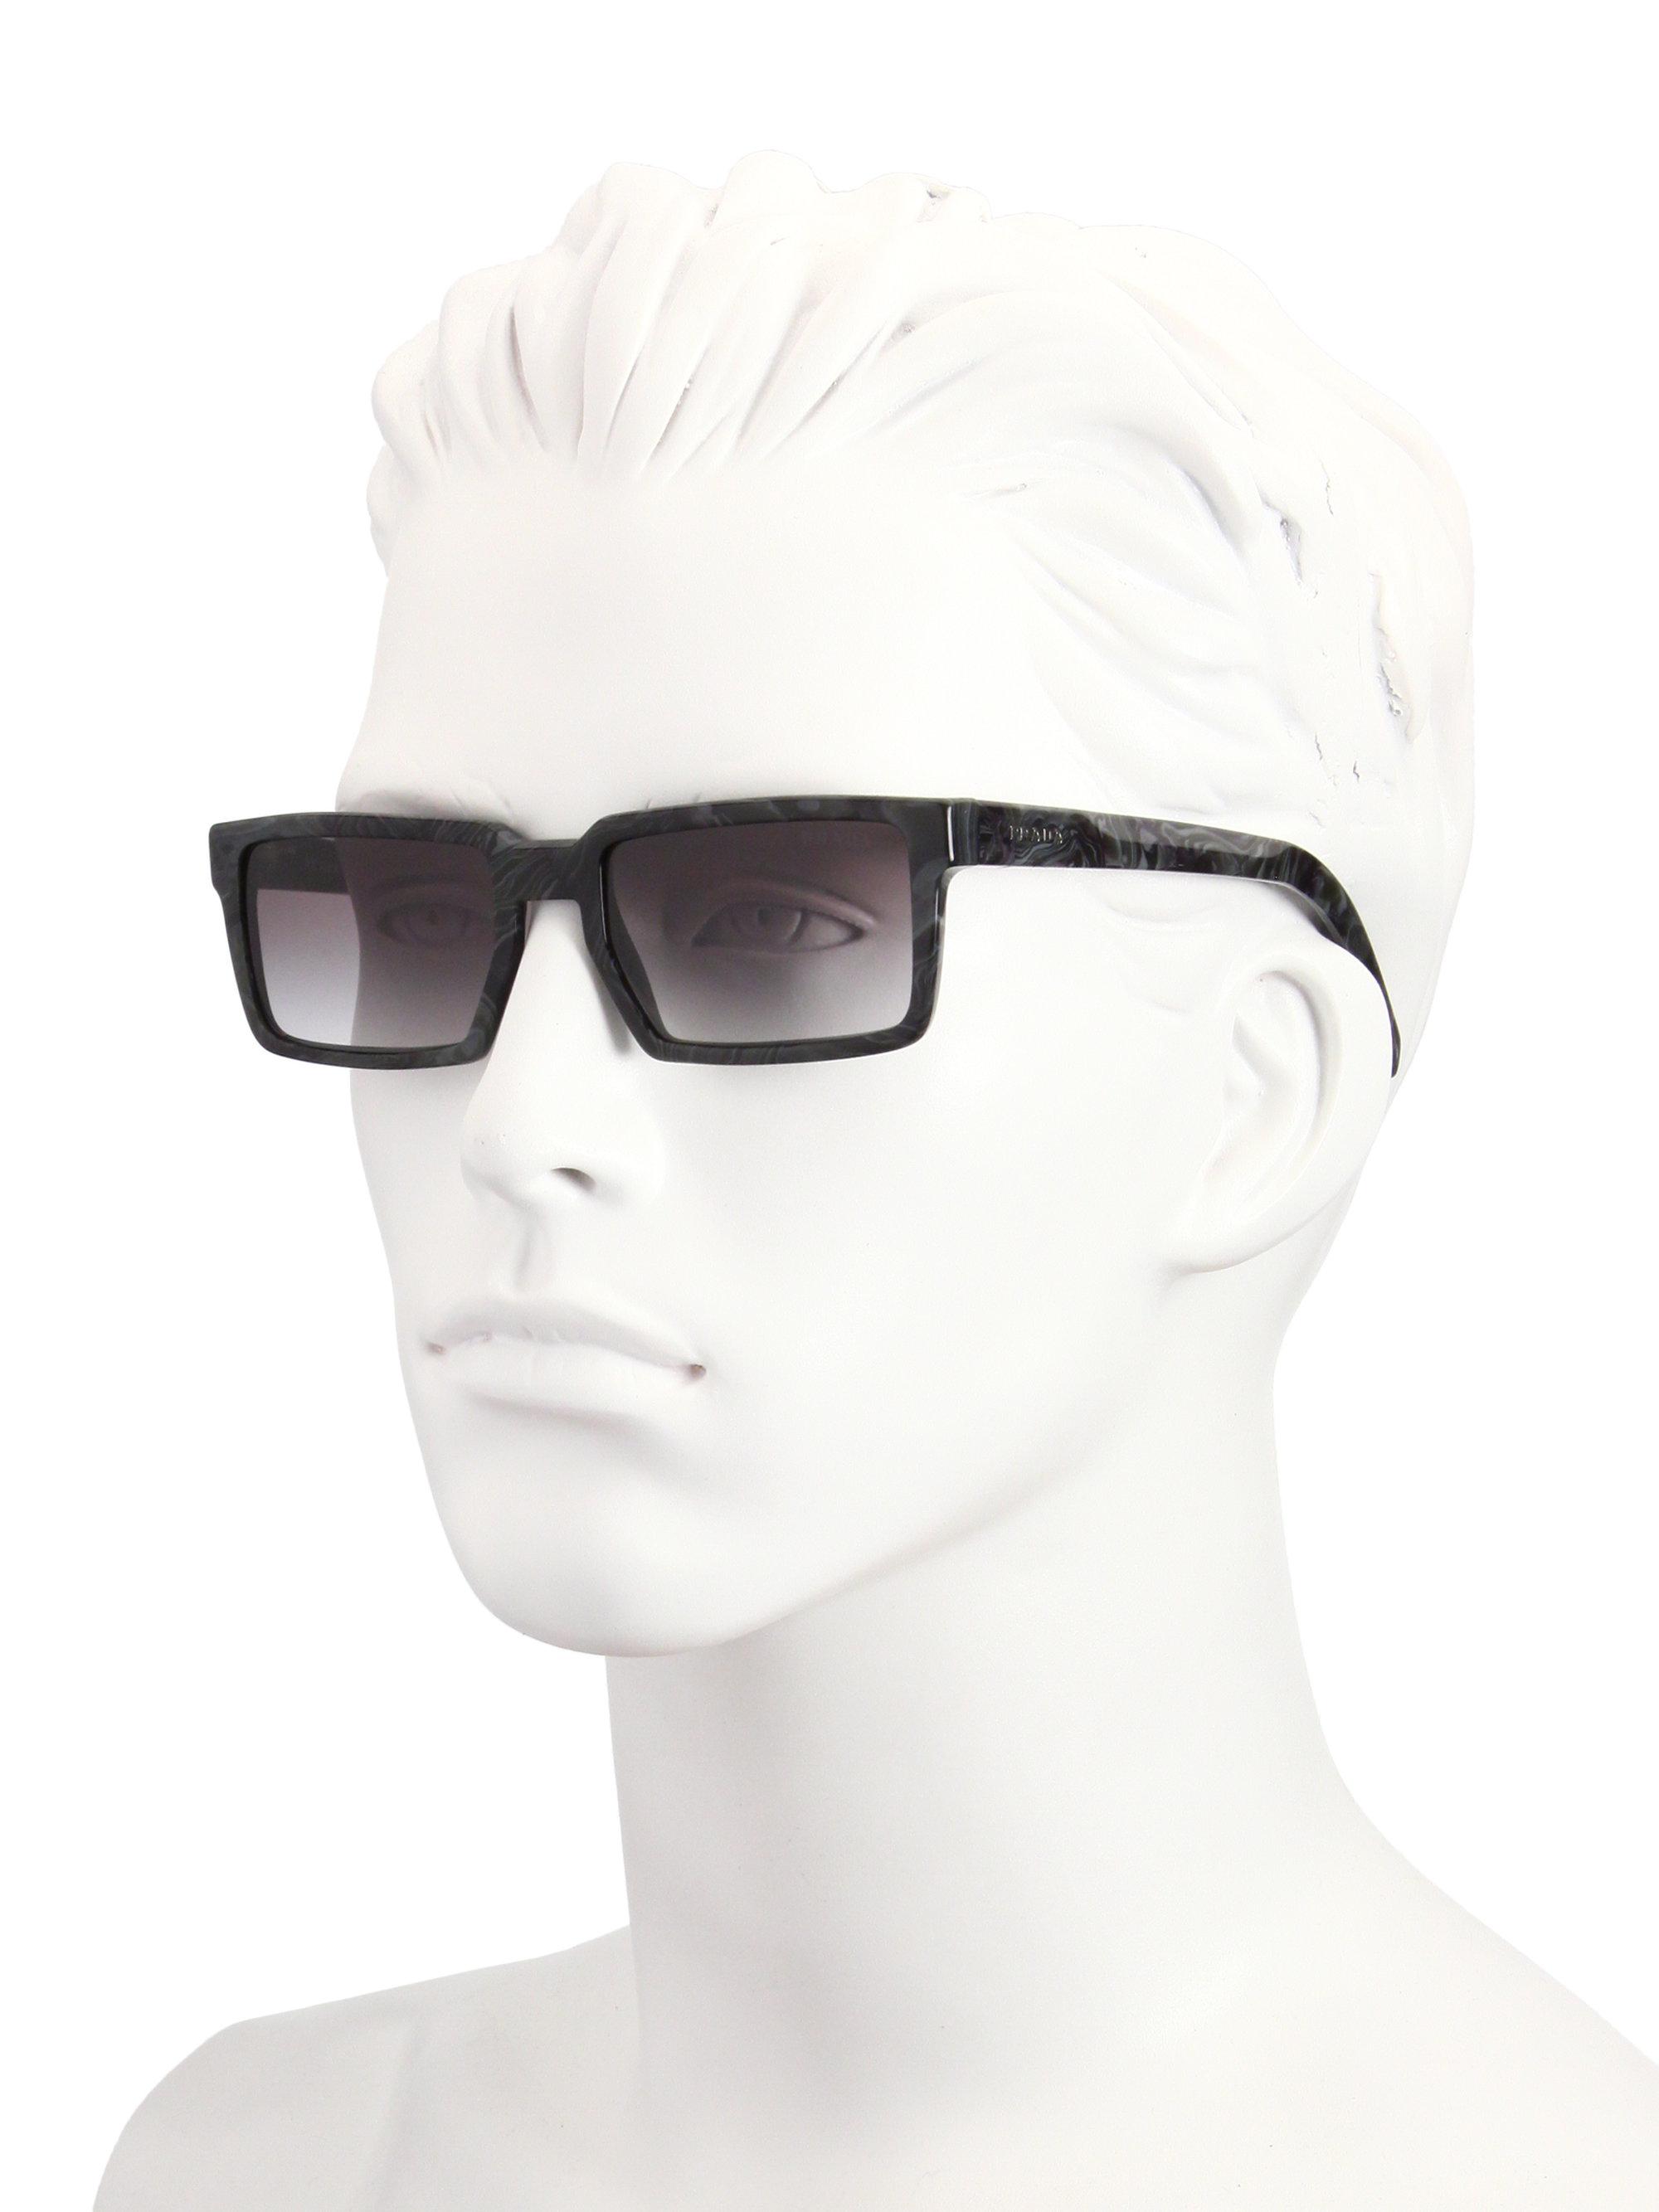 44a8ff5bdf Prada 54mm Rectangle Acetate Sunglasses in Black for Men - Lyst